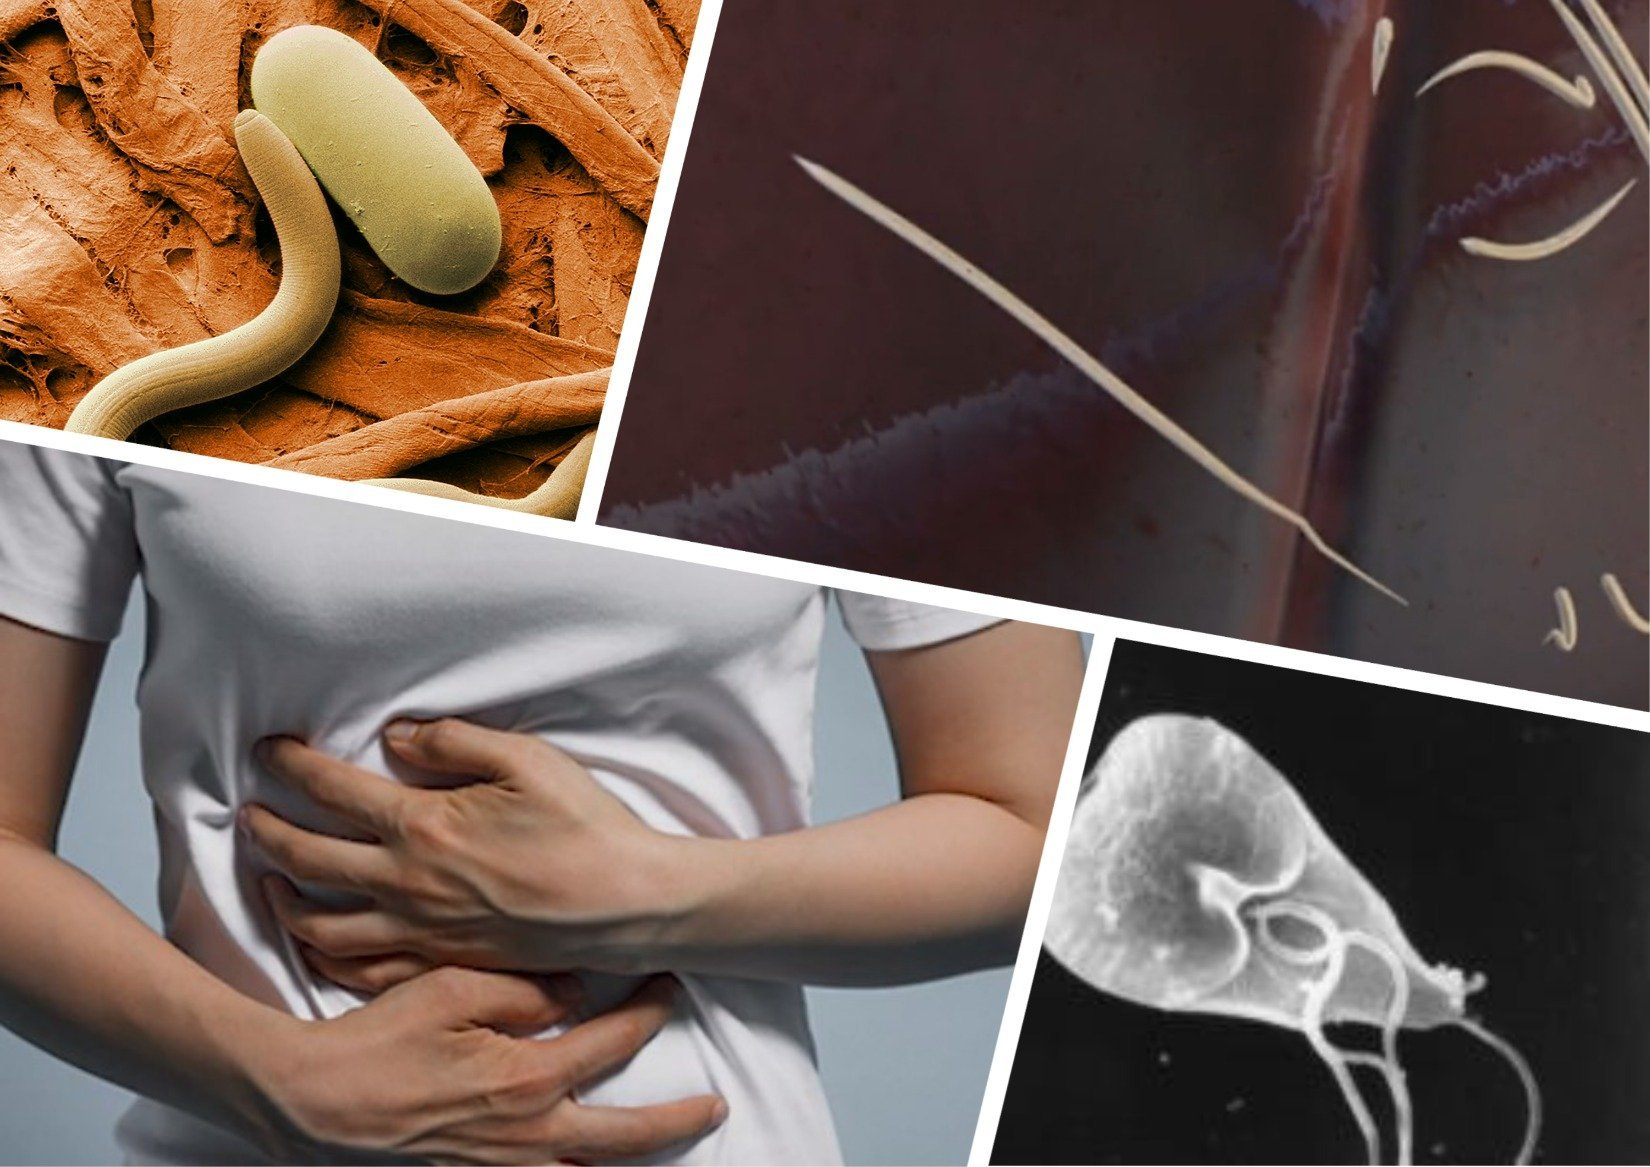 Гельминтоз: симптомы и лечение у взрослых, профилактика заражения